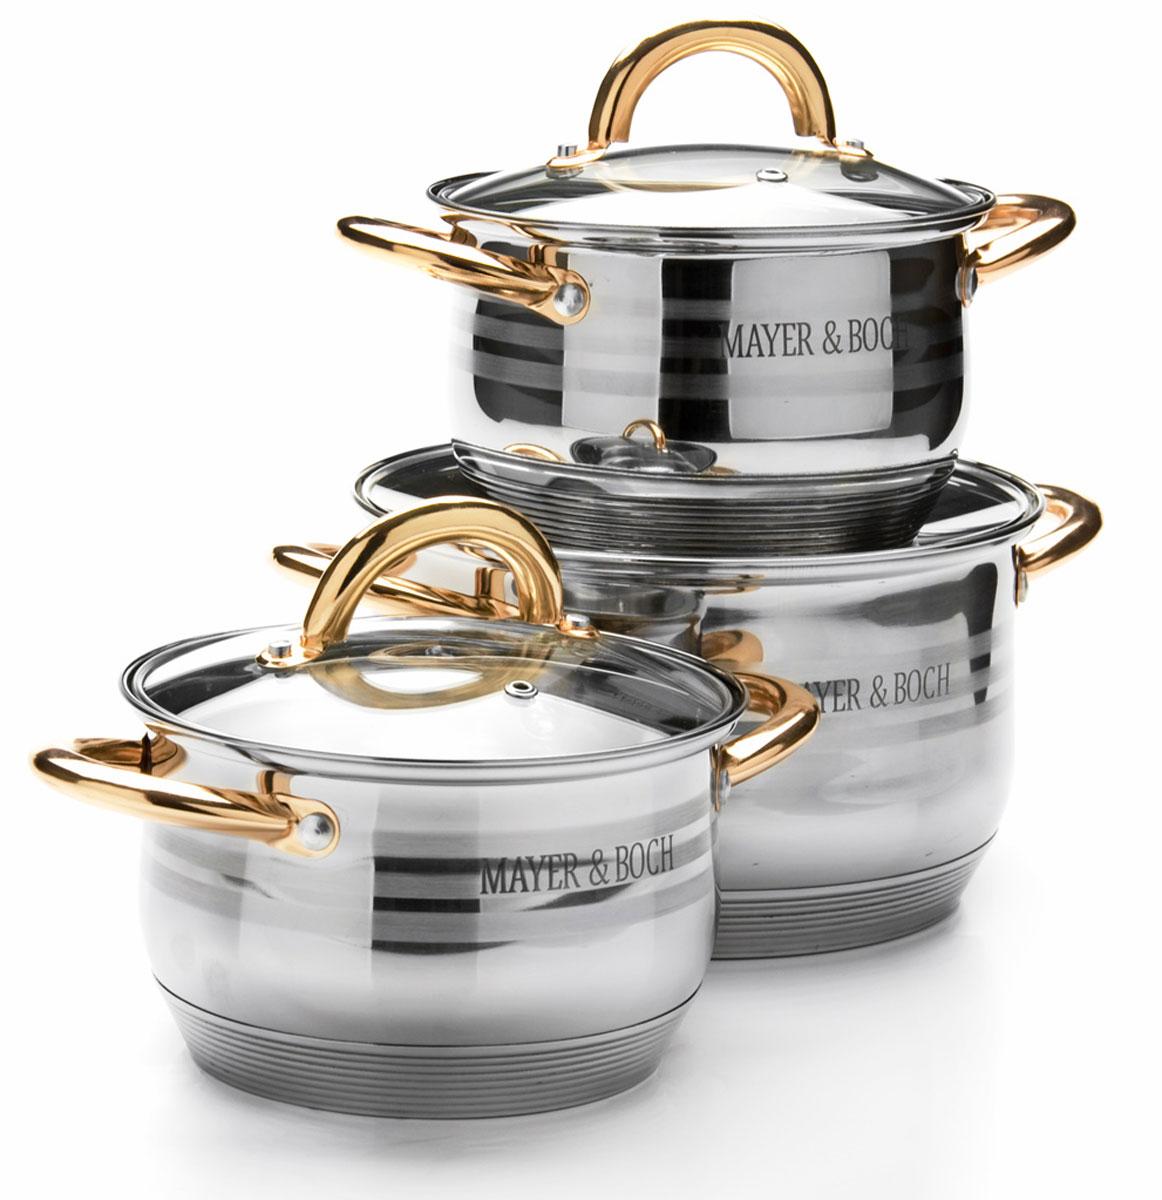 Набор посуды Mayer & Boch, 6 предметов. 25670256702,1+2,1+3,9л